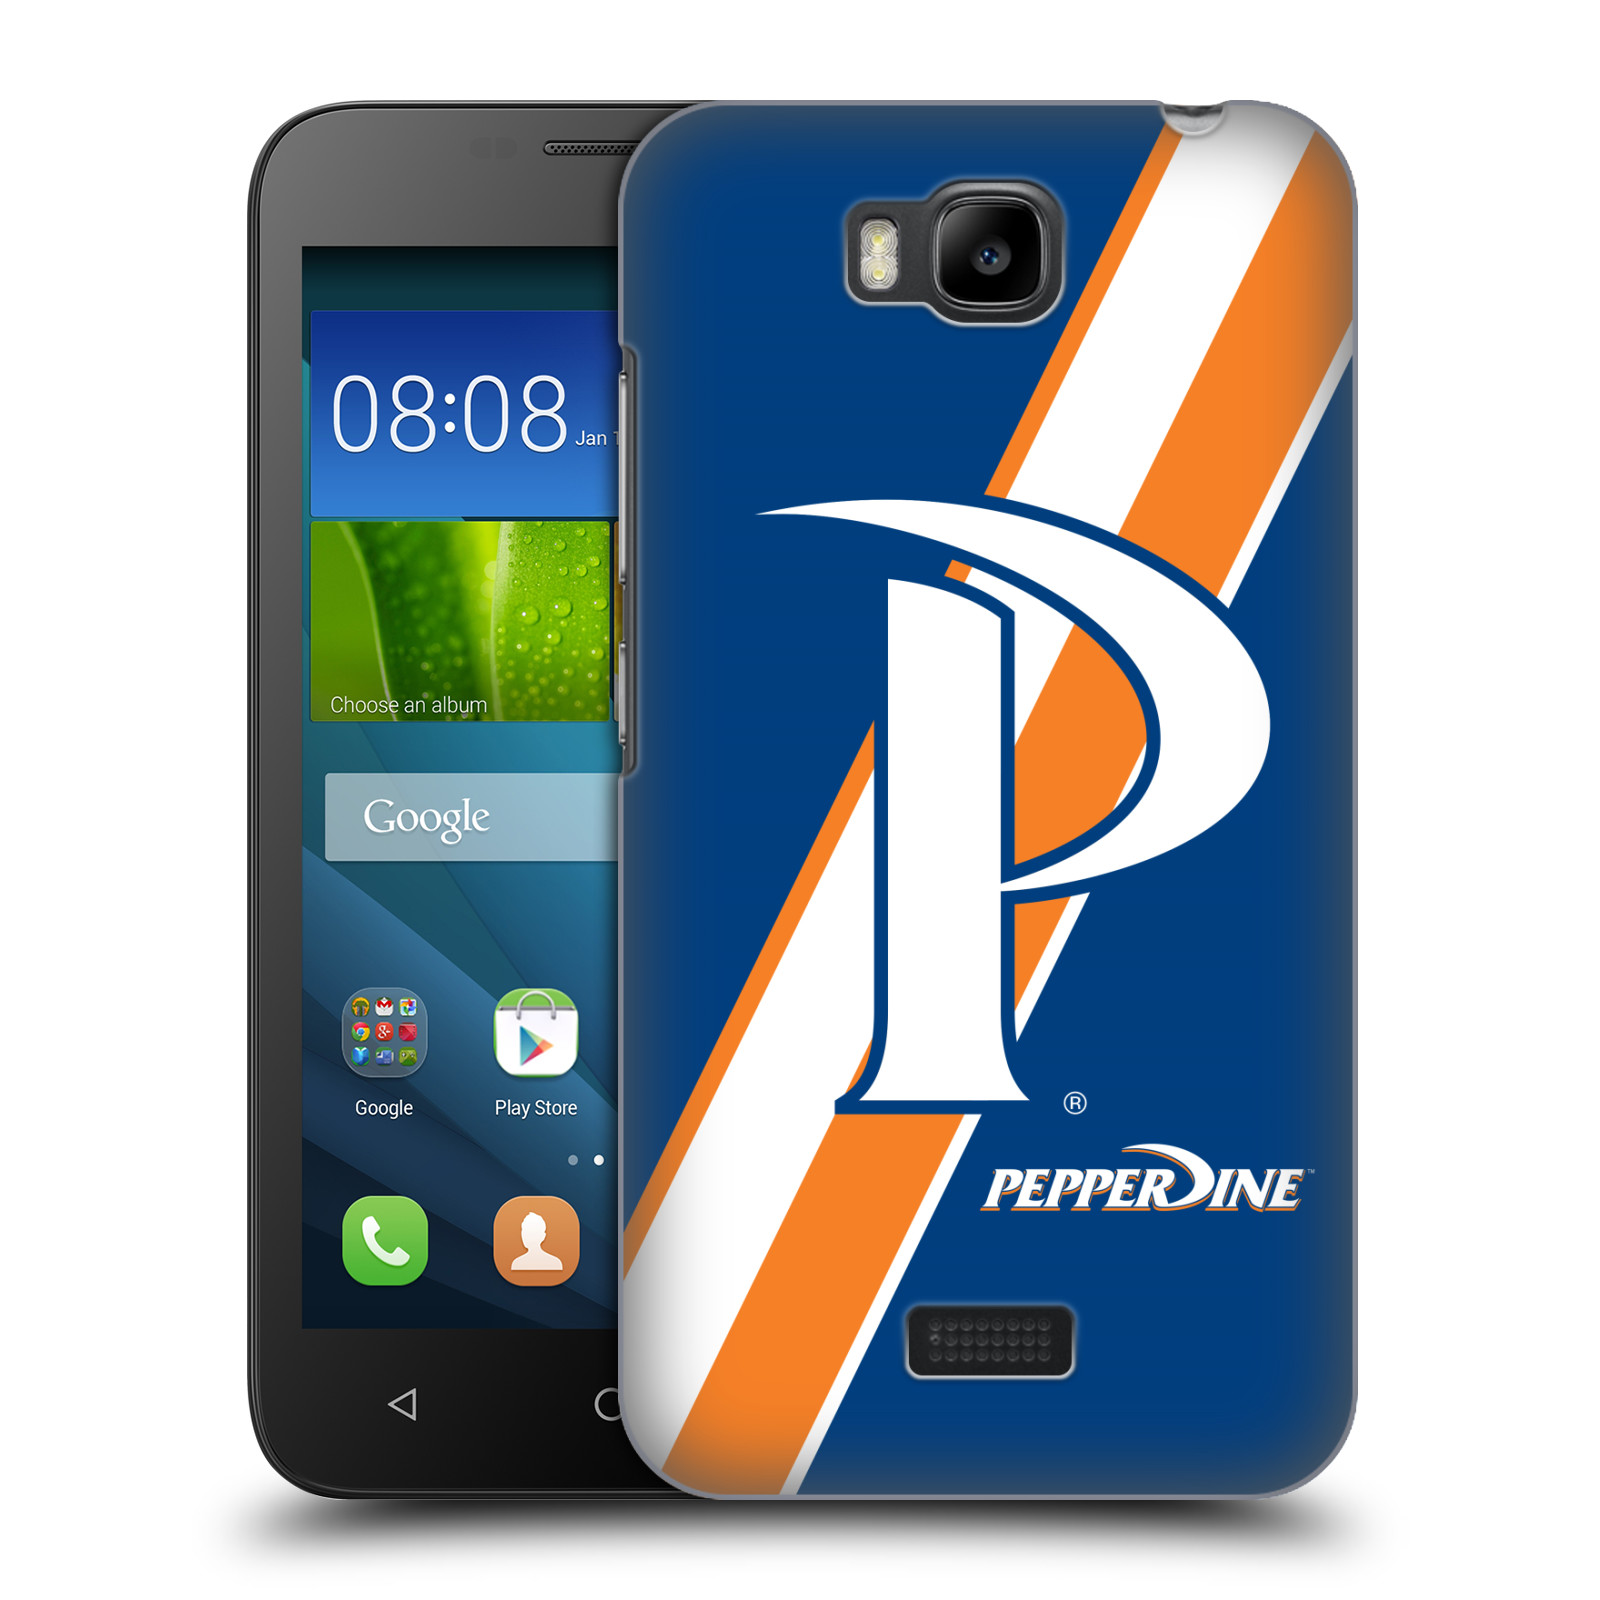 OFFICIAL-PEPPERDINE-UNIVERSITY-HARD-BACK-CASE-FOR-HUAWEI-PHONES-2